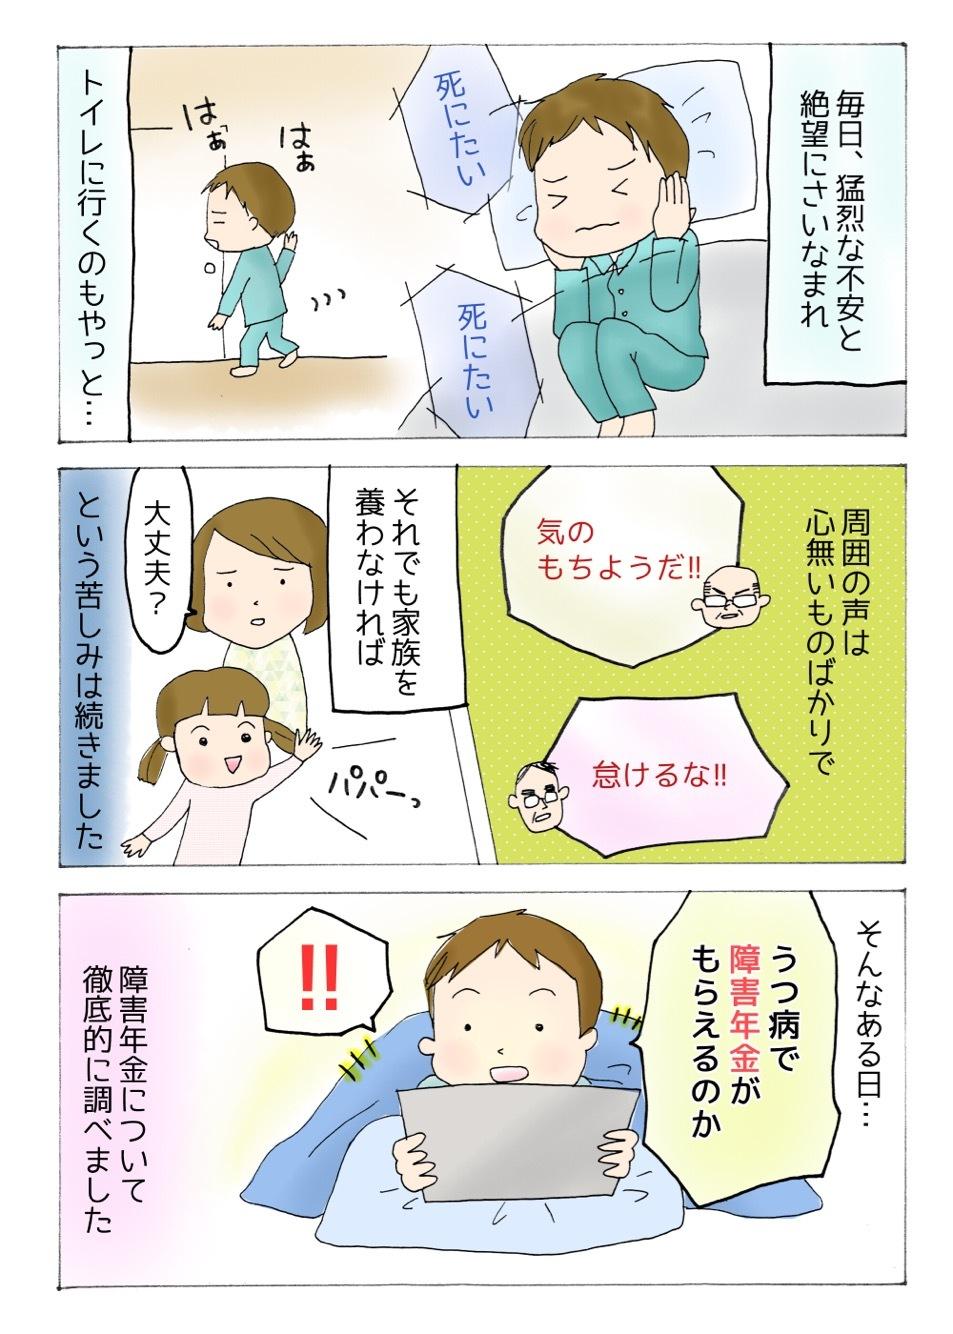 【うつ病障害年金漫画】うつ病の症状